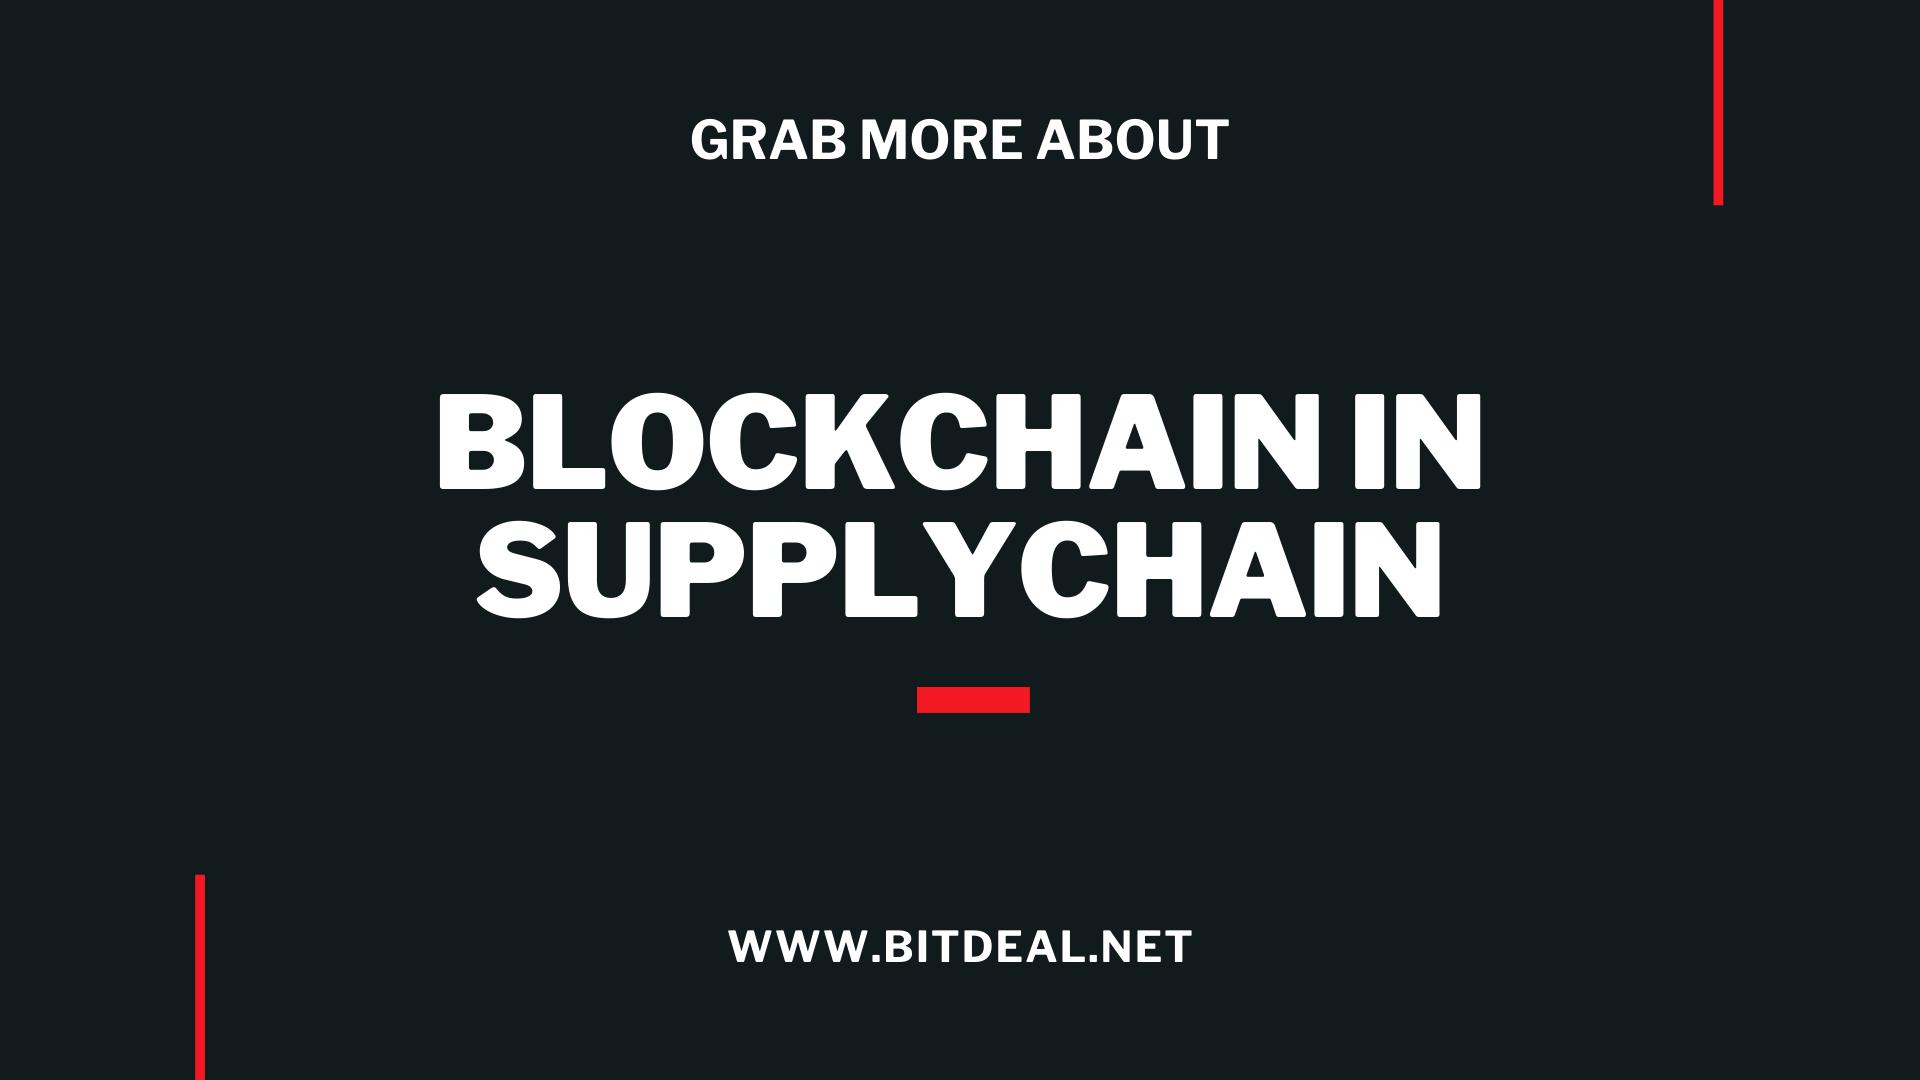 13998blockchain-in-supplychain-(2).png